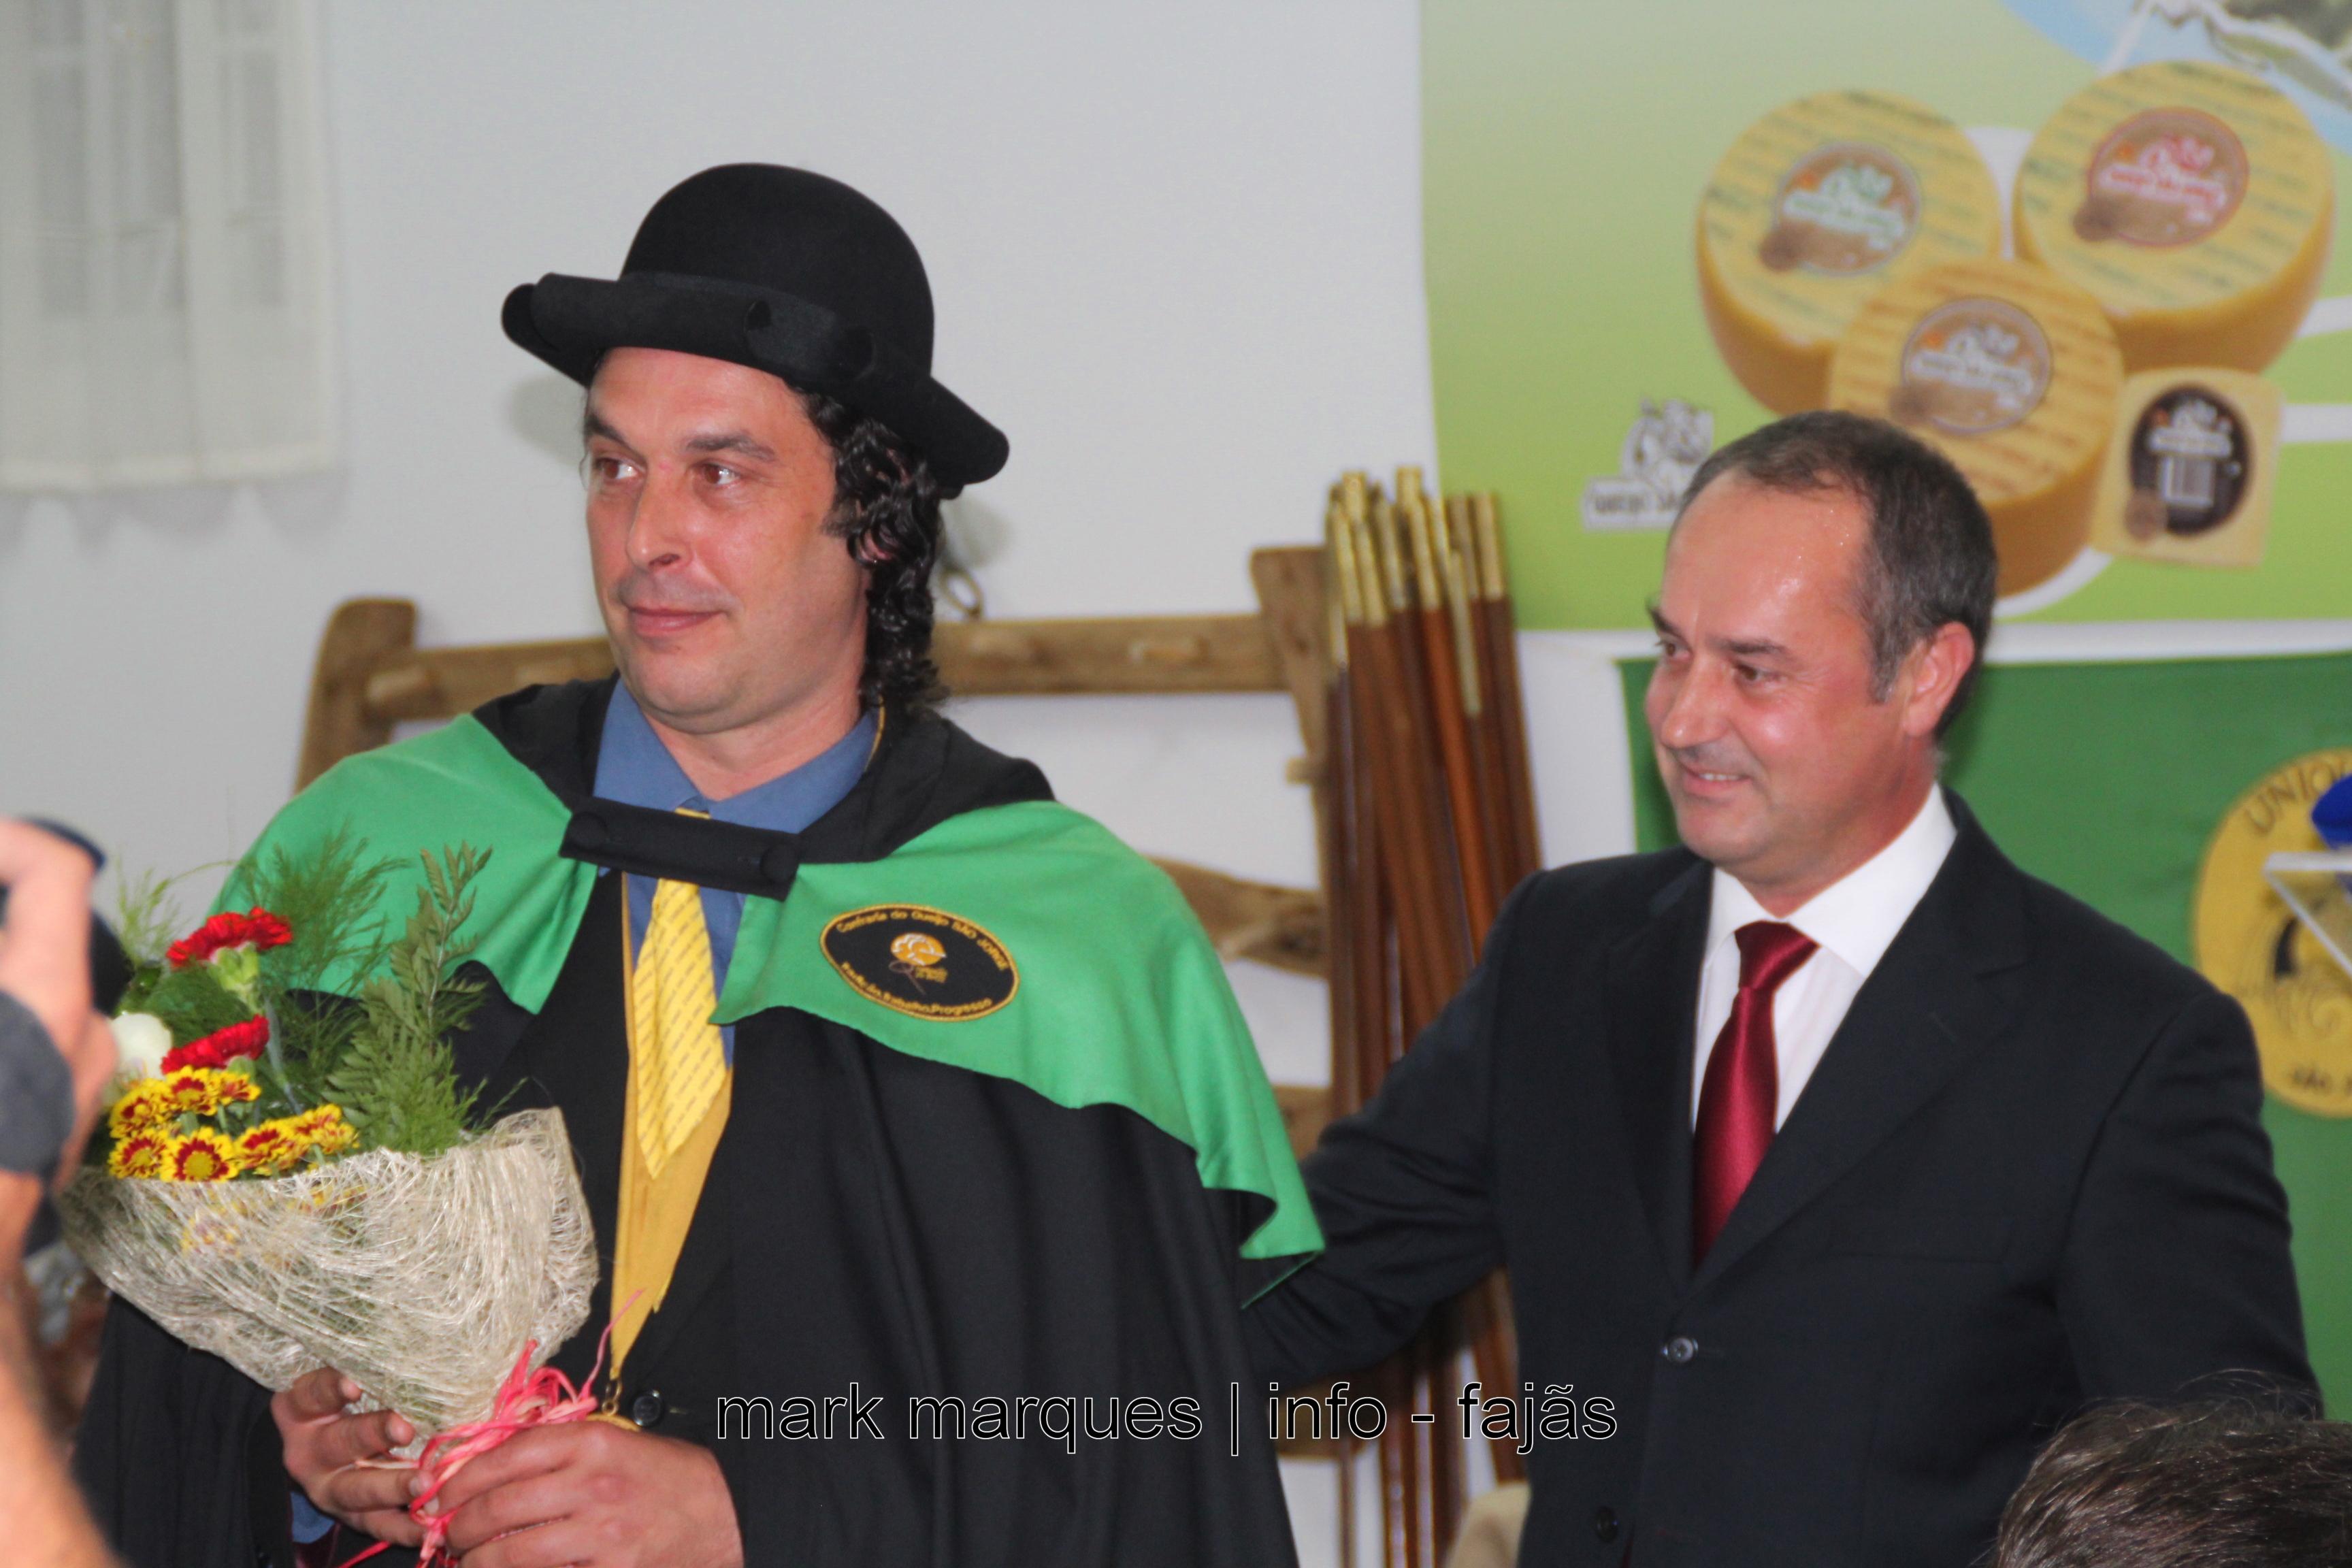 CONFRARIA DO QUEIJO SÃO JORGE E UNIQUEIJO EM ANIVERSÁRIO. (reportagem fotográfica)